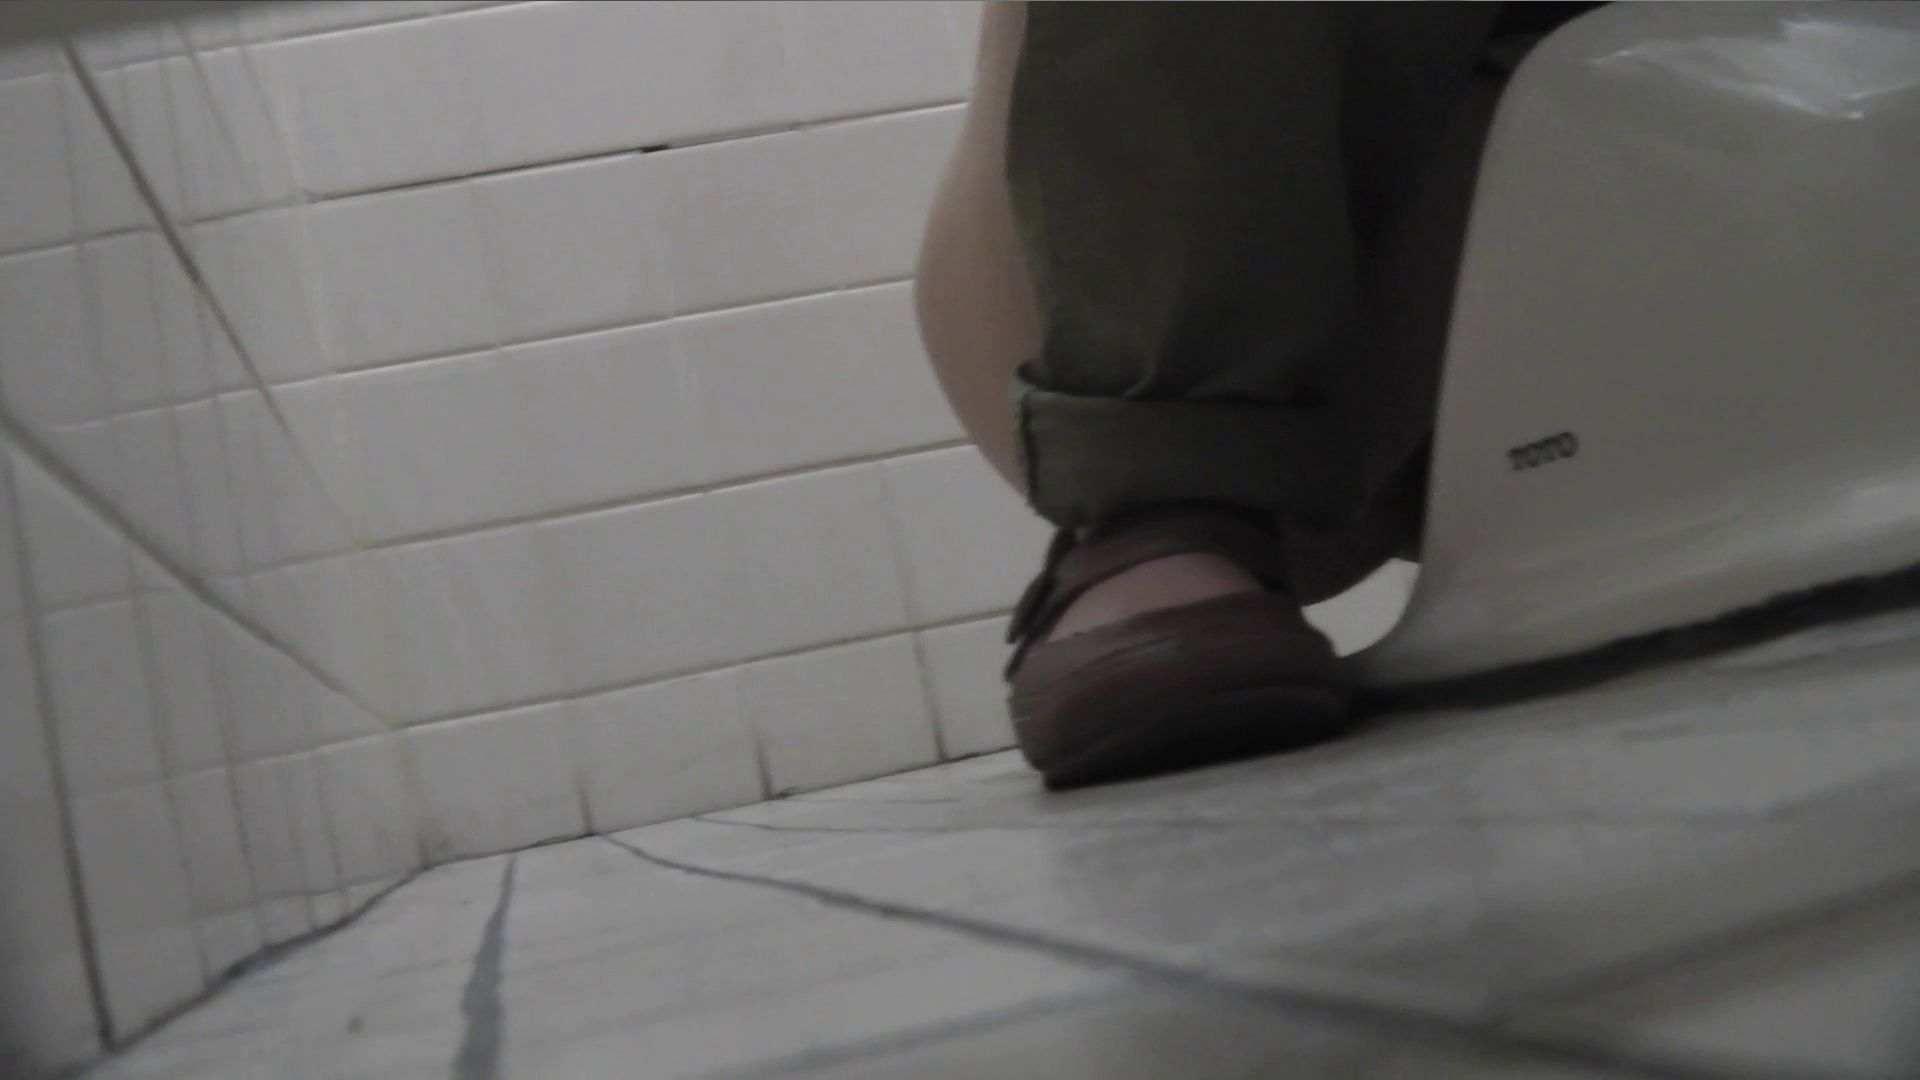 vol.09 命がけ潜伏洗面所! 残念!パンツについちゃいました。 プライベート 盗撮エロ画像 91pic 49